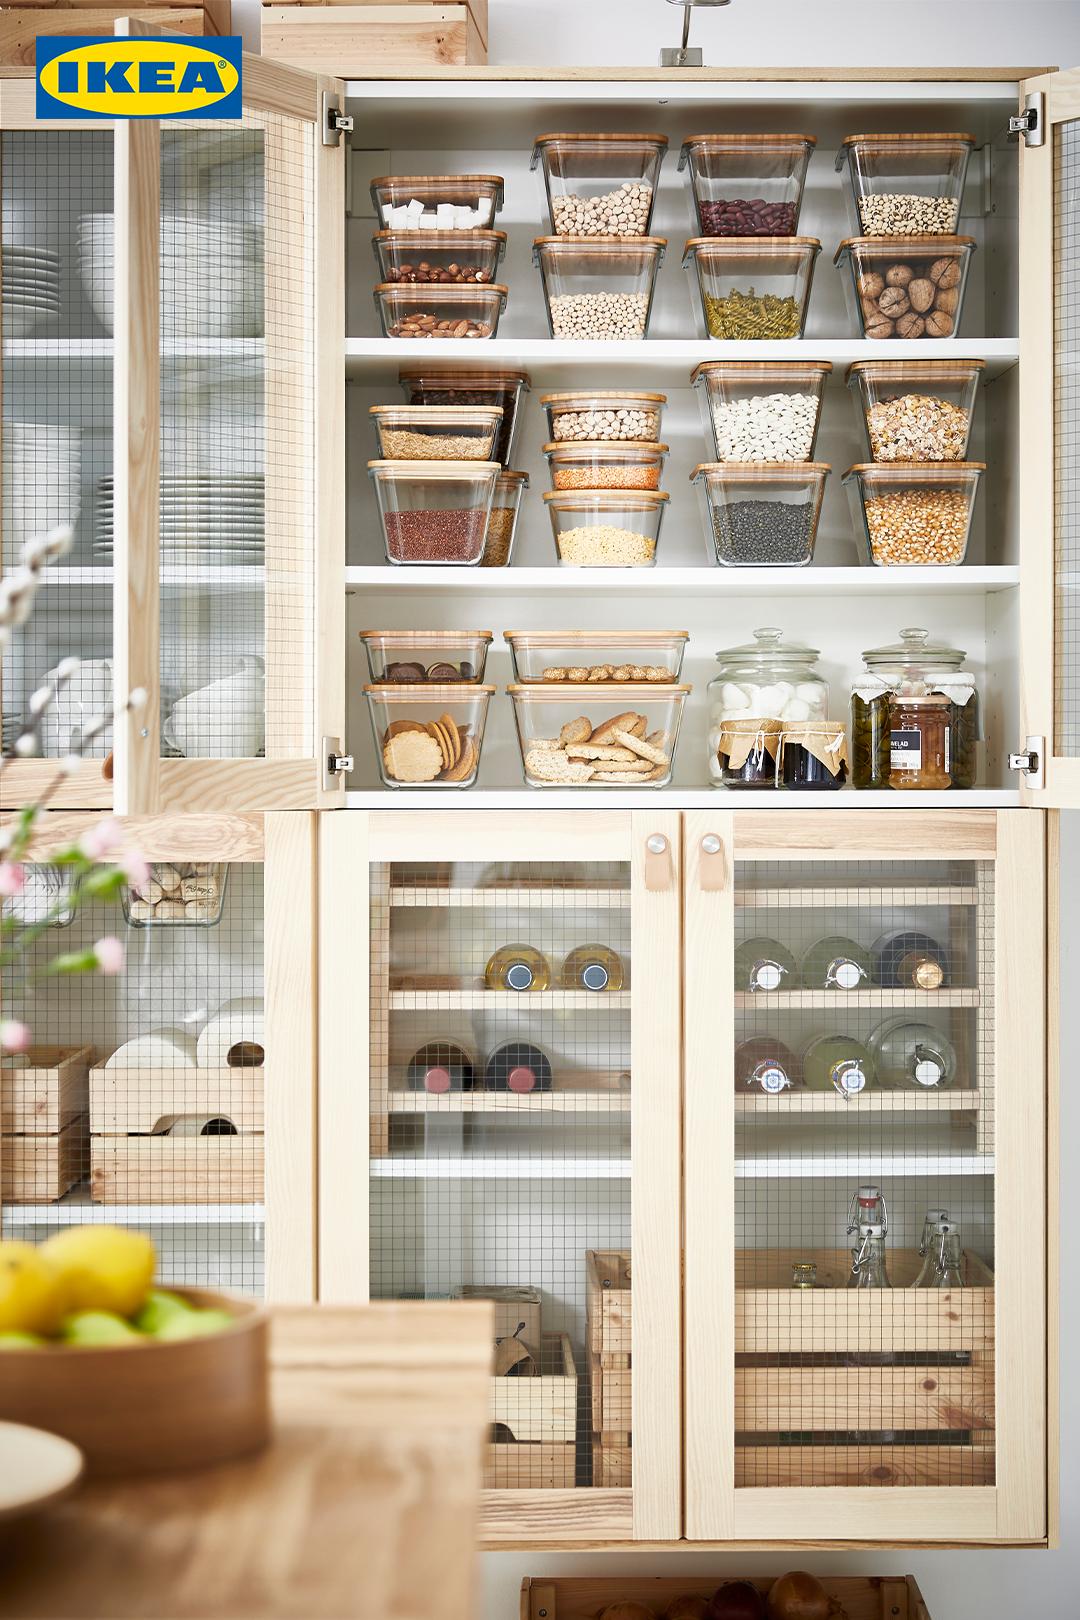 Organisation Ist Alles Ikea Zuhause Kuchendesign Kuchen Design